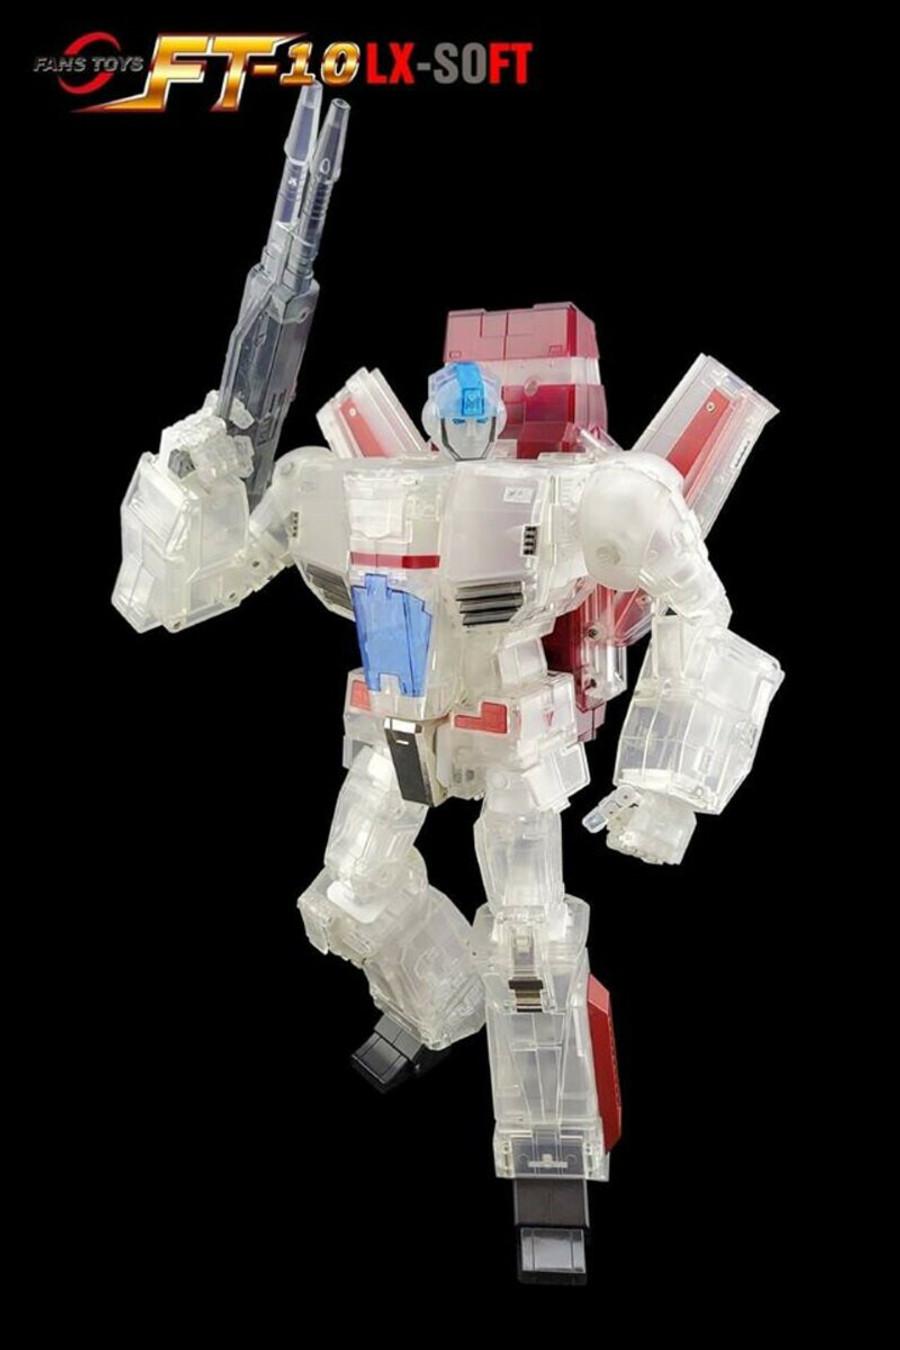 Fans Toys - FT-10 LX-Soft Phoenix Clear Version